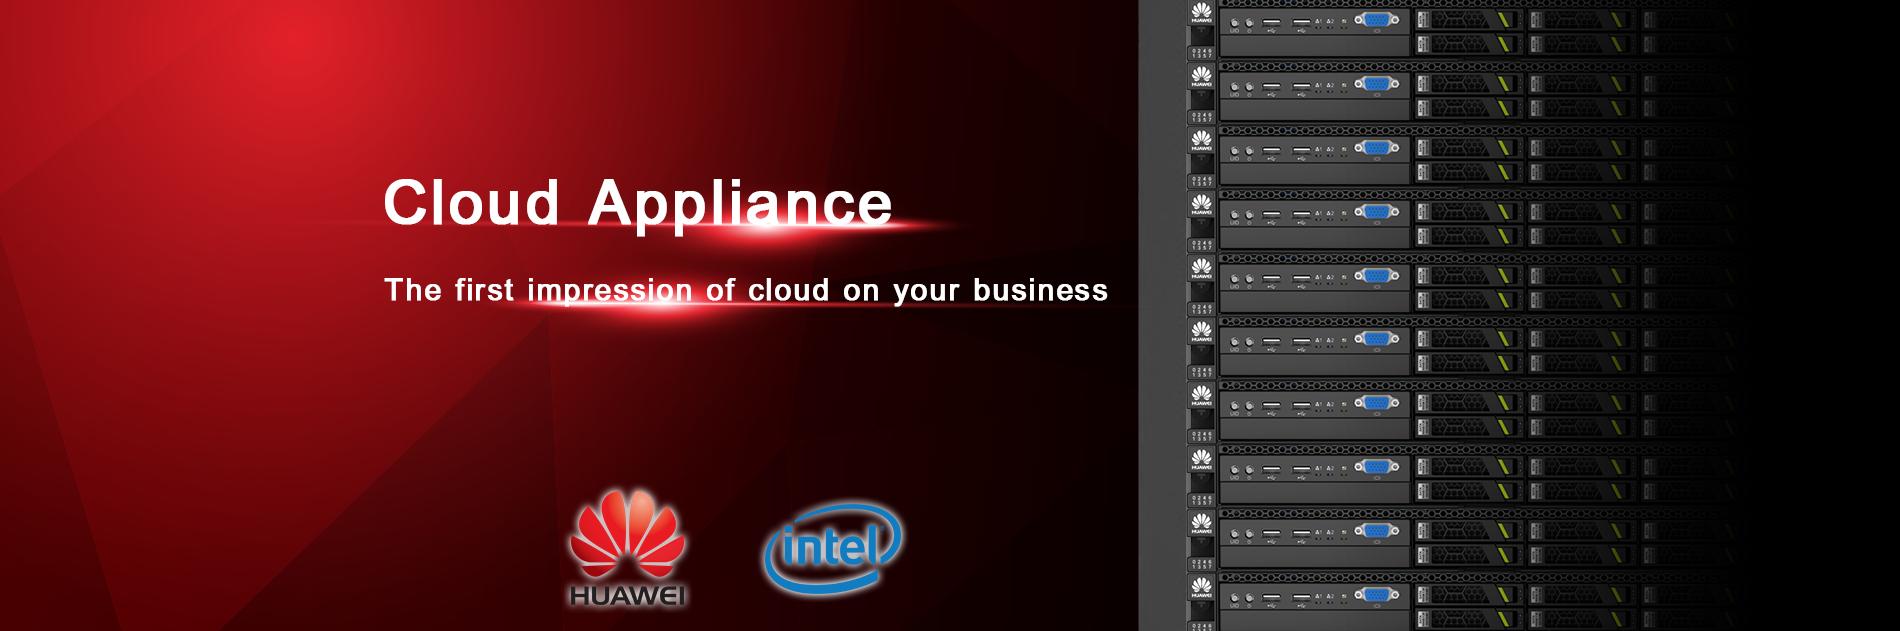 Cloud Appliance